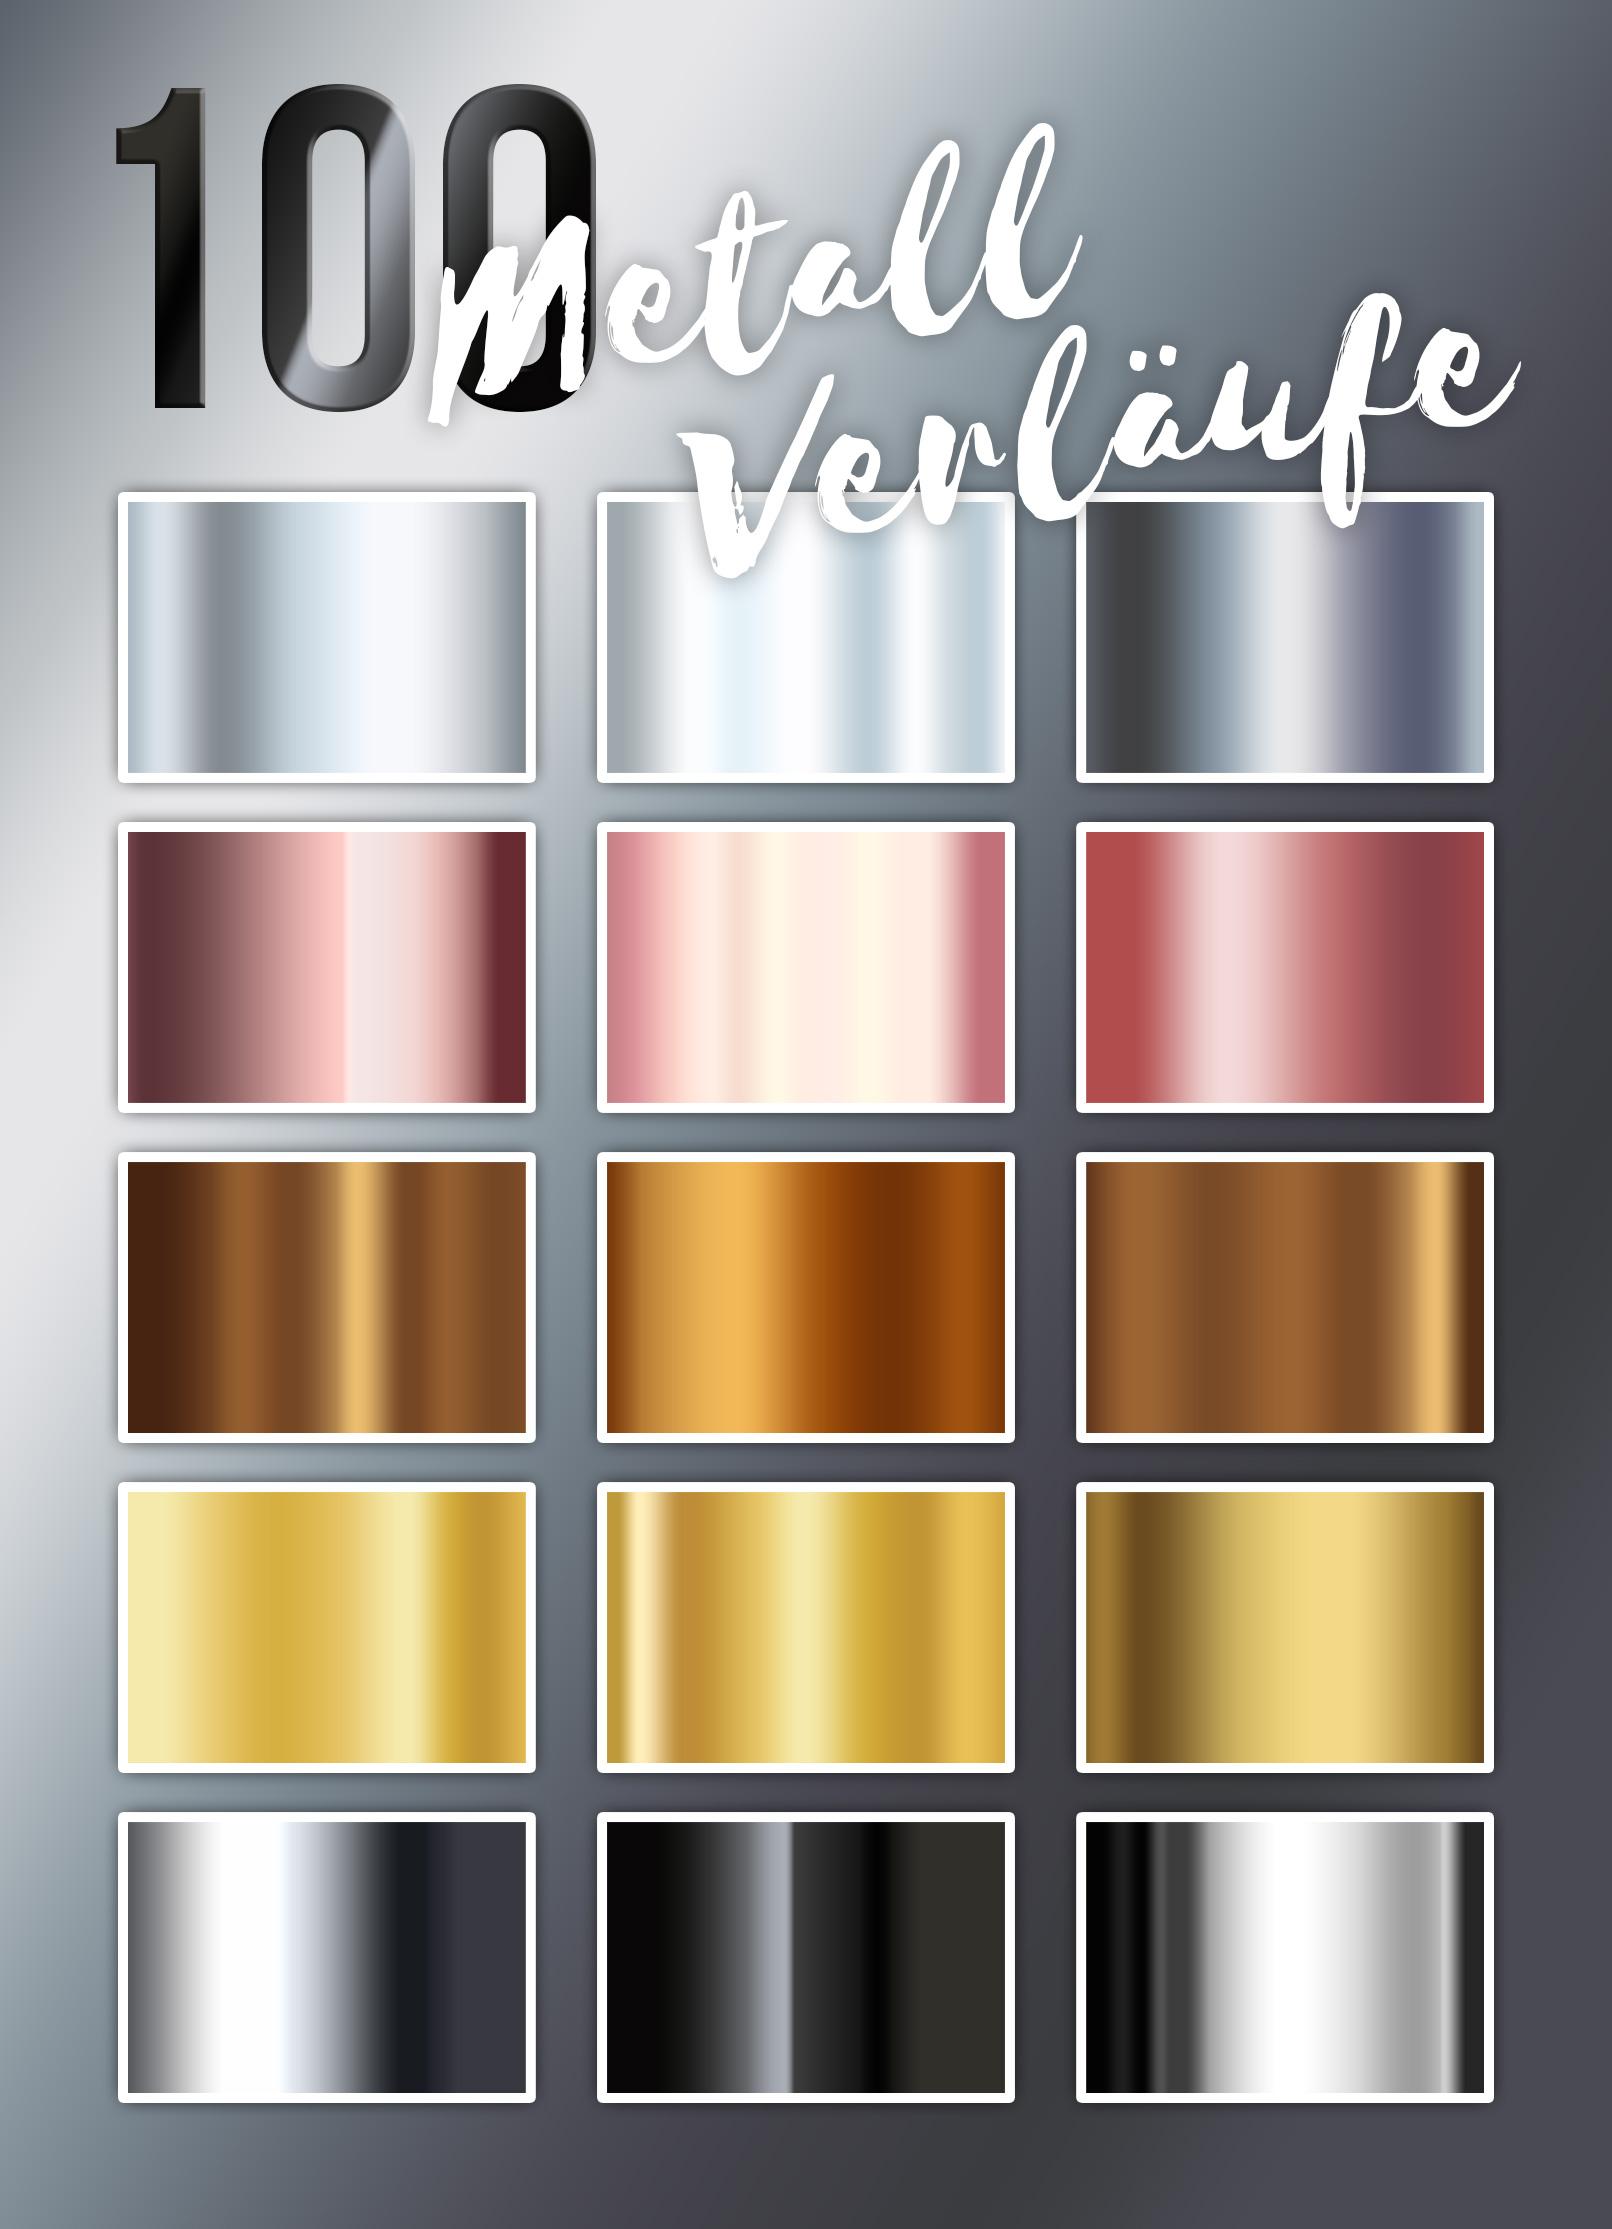 Farbverlauf in Photoshop: Beispiele der 100 enthaltenen Gradients